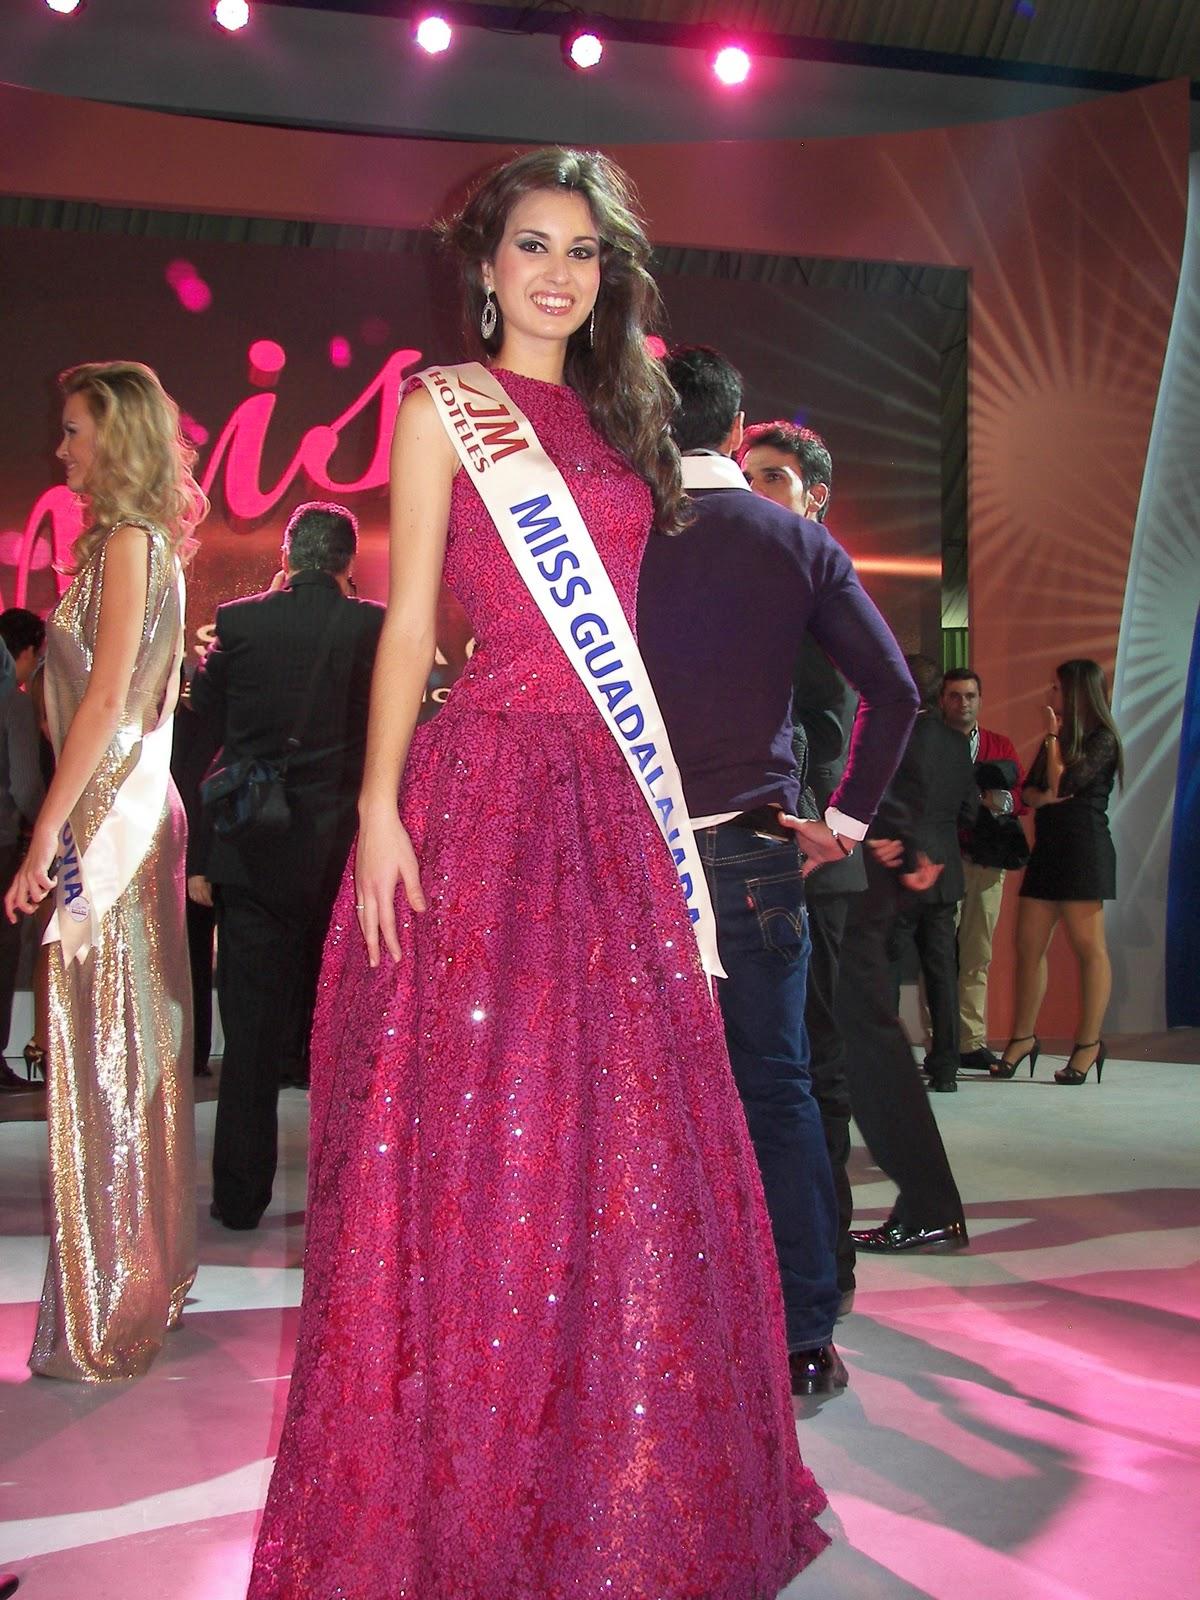 Encantador Vestidos De Fiesta Misses Ideas - Colección de Vestidos ...